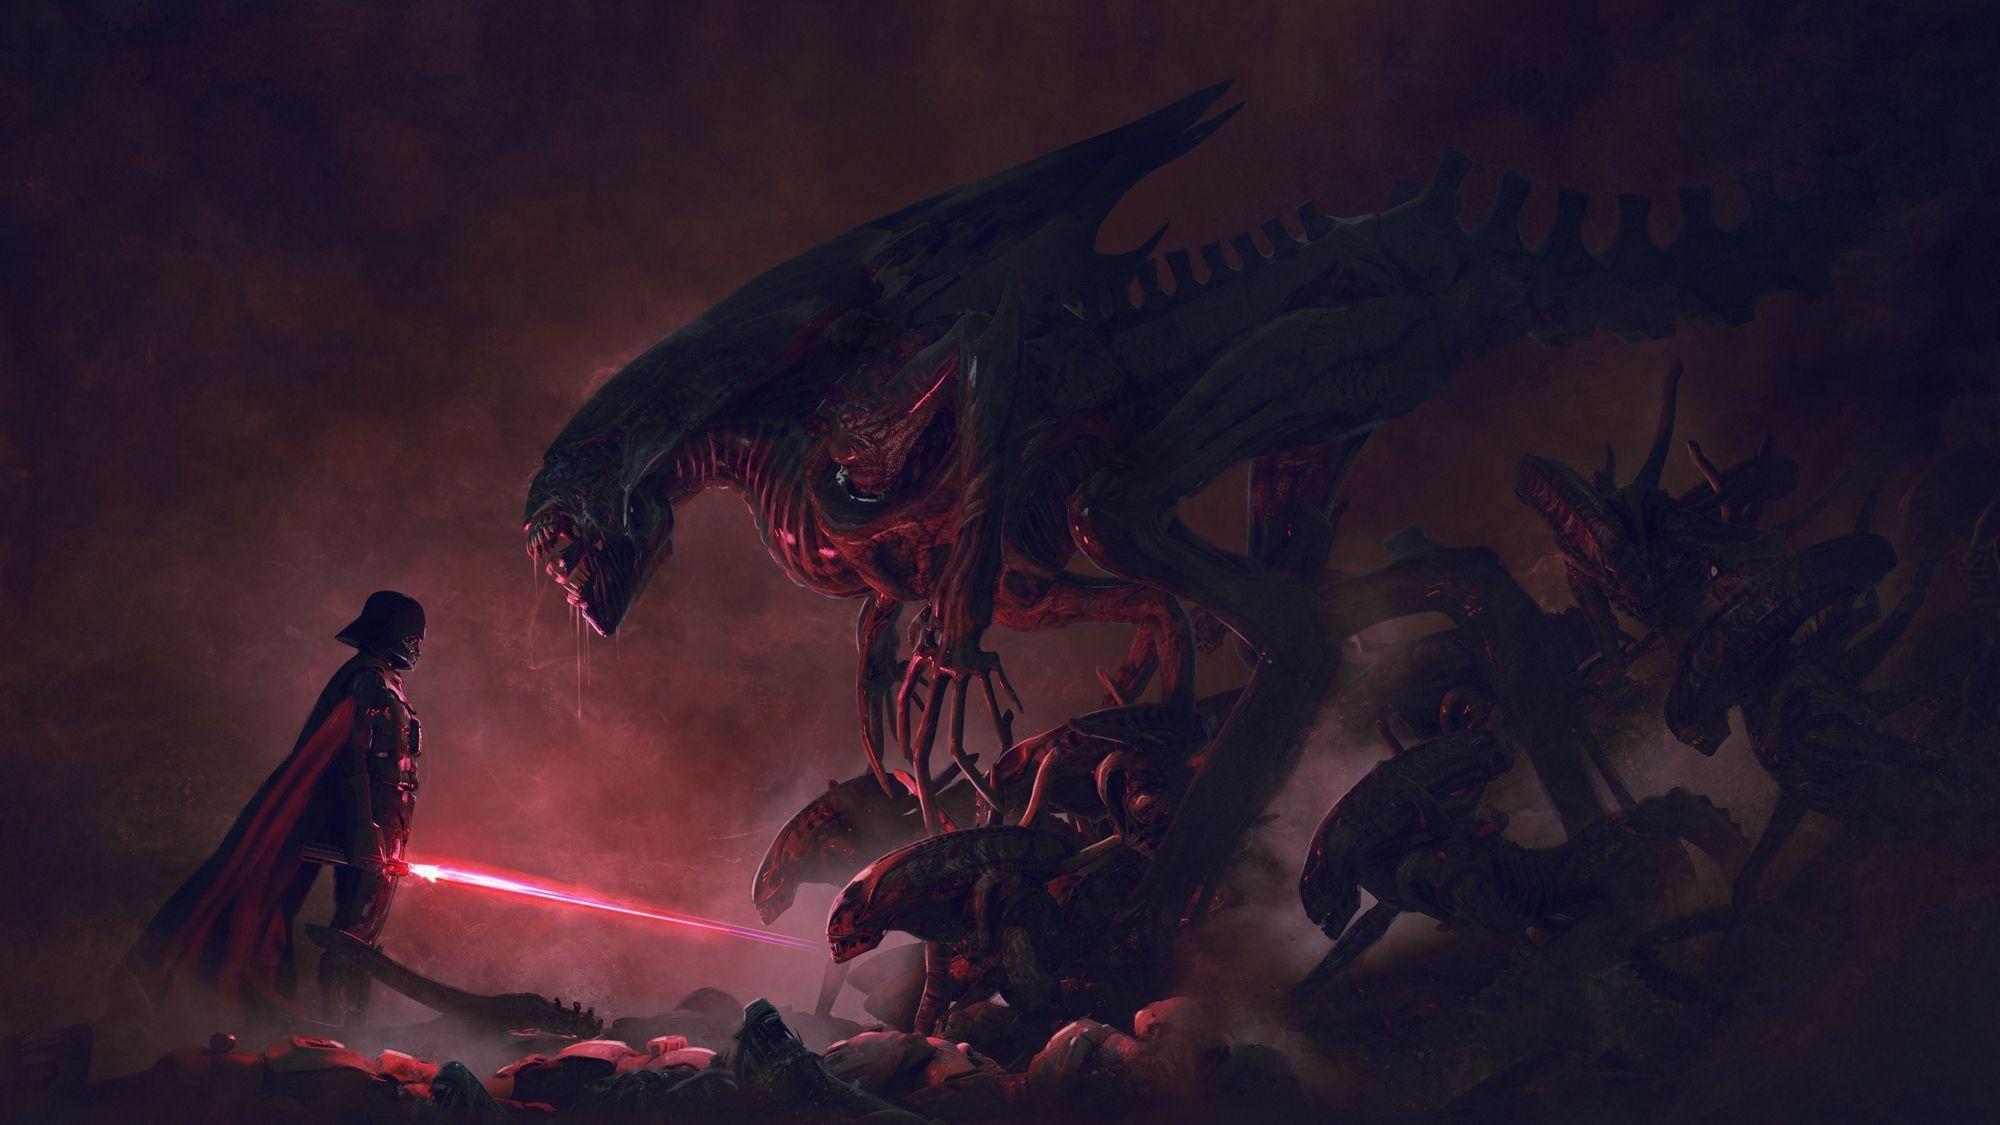 Картинка: Vader Vs Aliens, Дарт Вейдер, Чужие, противостояние, битва, меч, арт, свет, туман